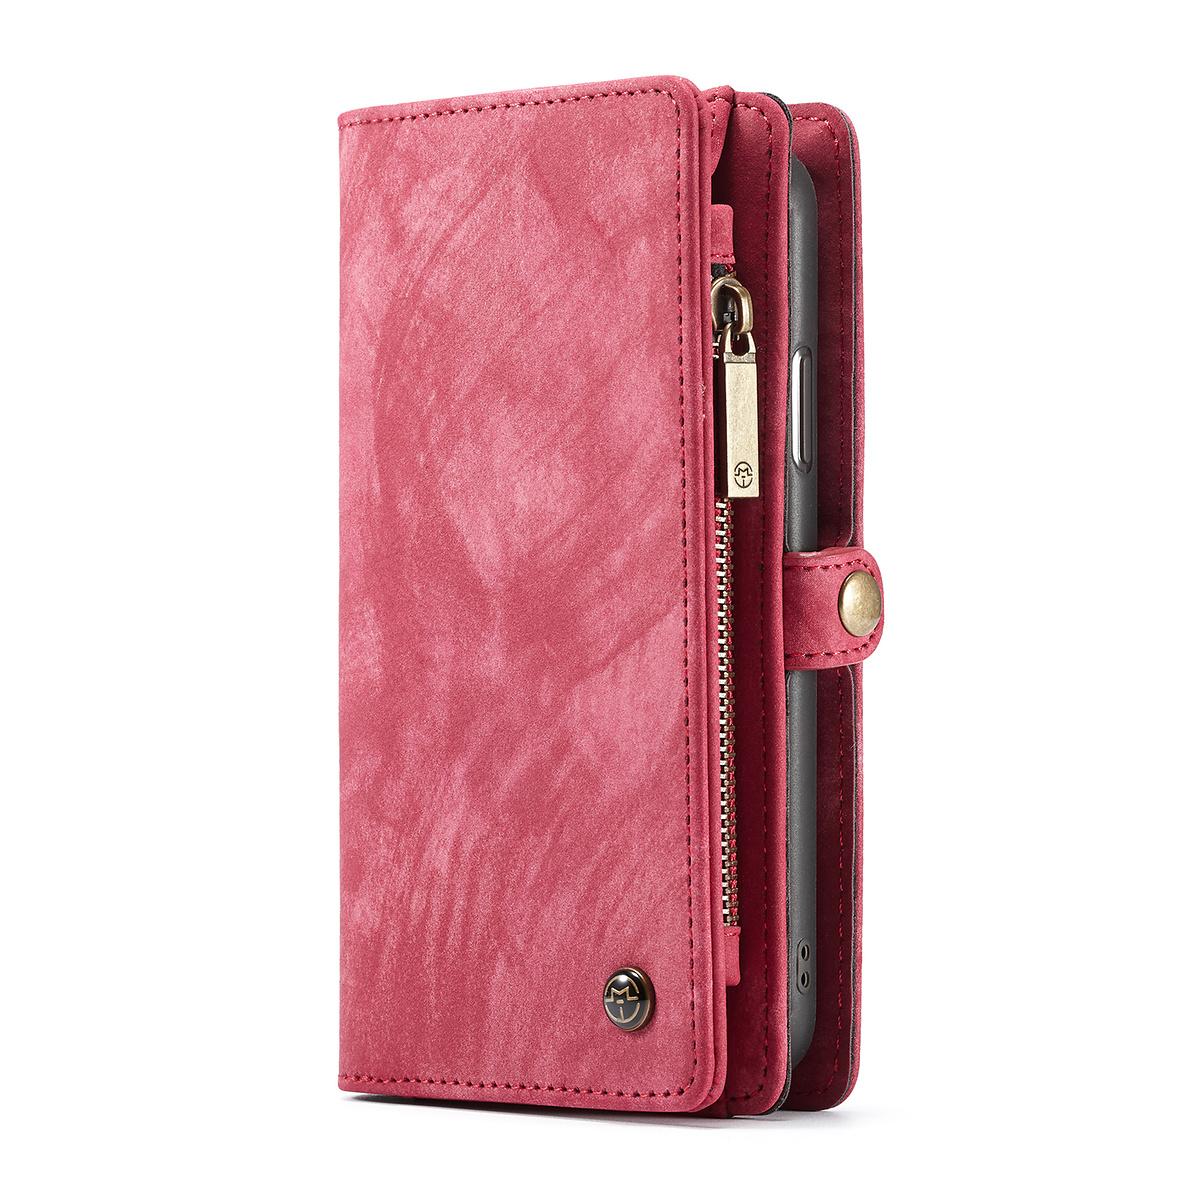 CaseMe plånboksfodral med magnetskal till iPhone XS Max, röd